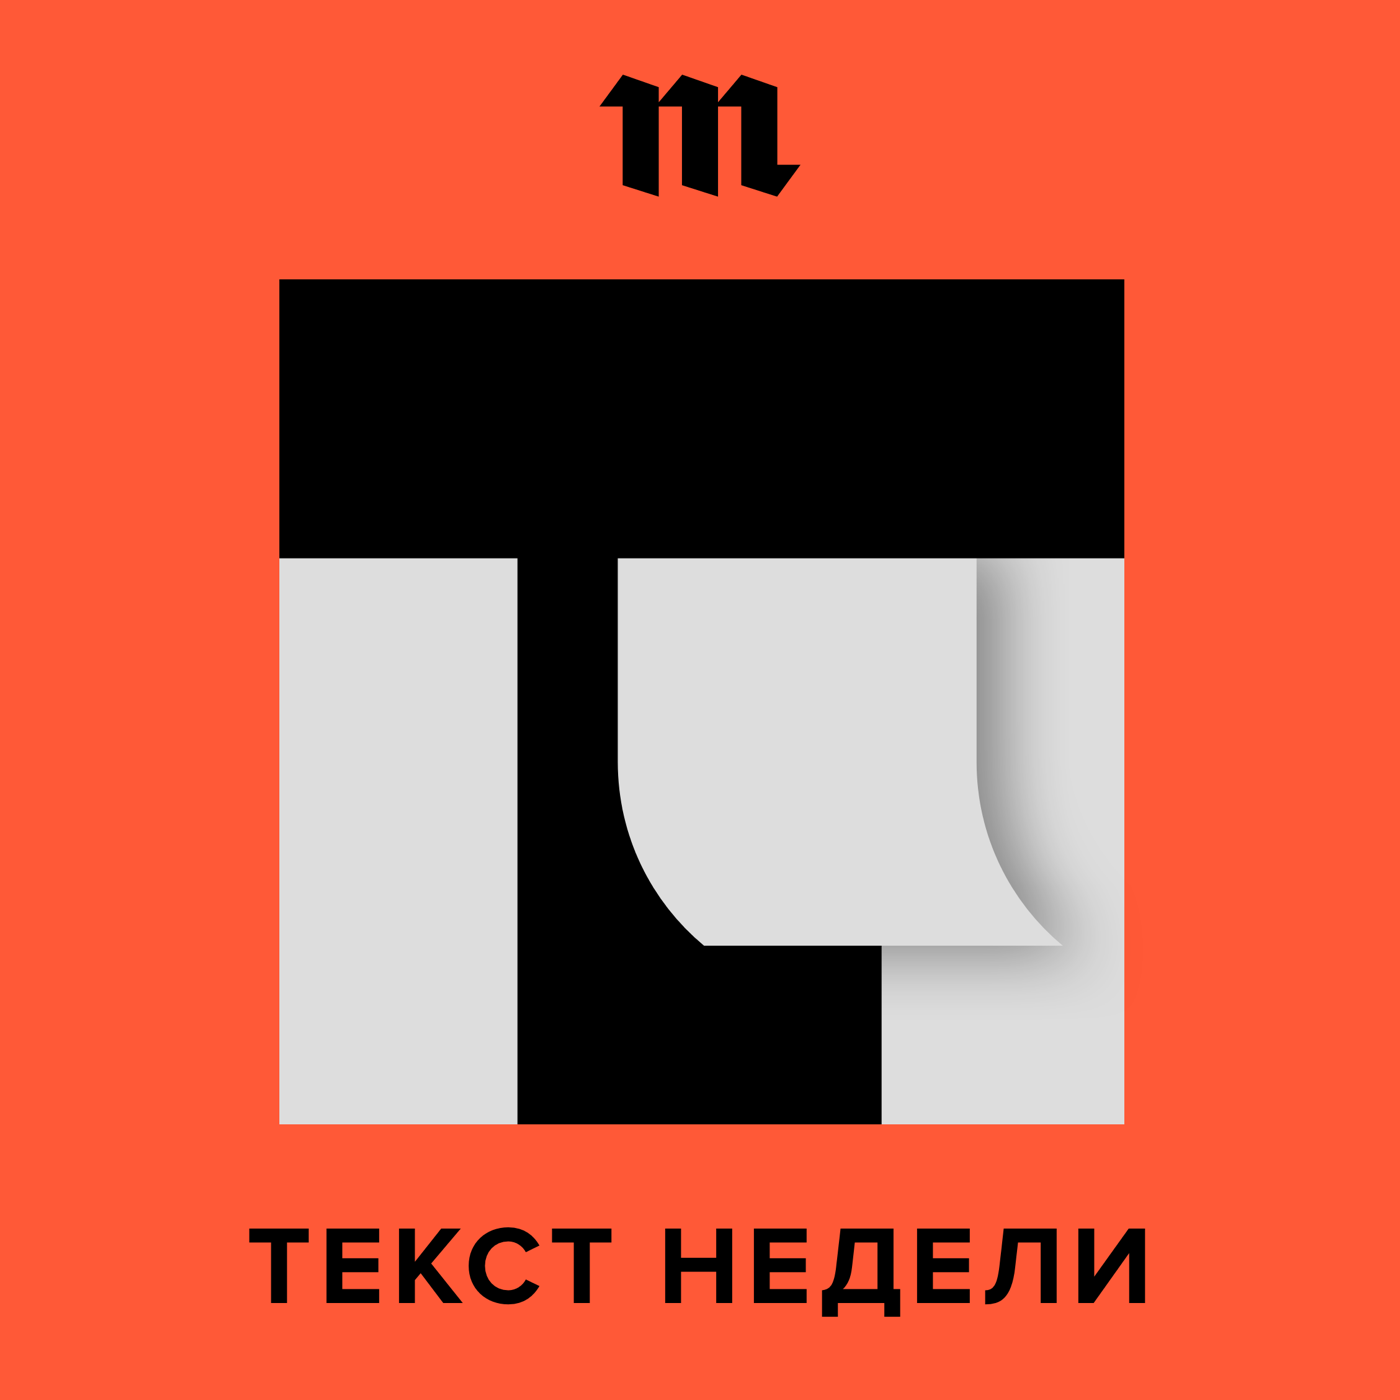 Обязательно захватите паспорт! Как москвичам навязывают кредиты на лечение несуществующих заболеваний